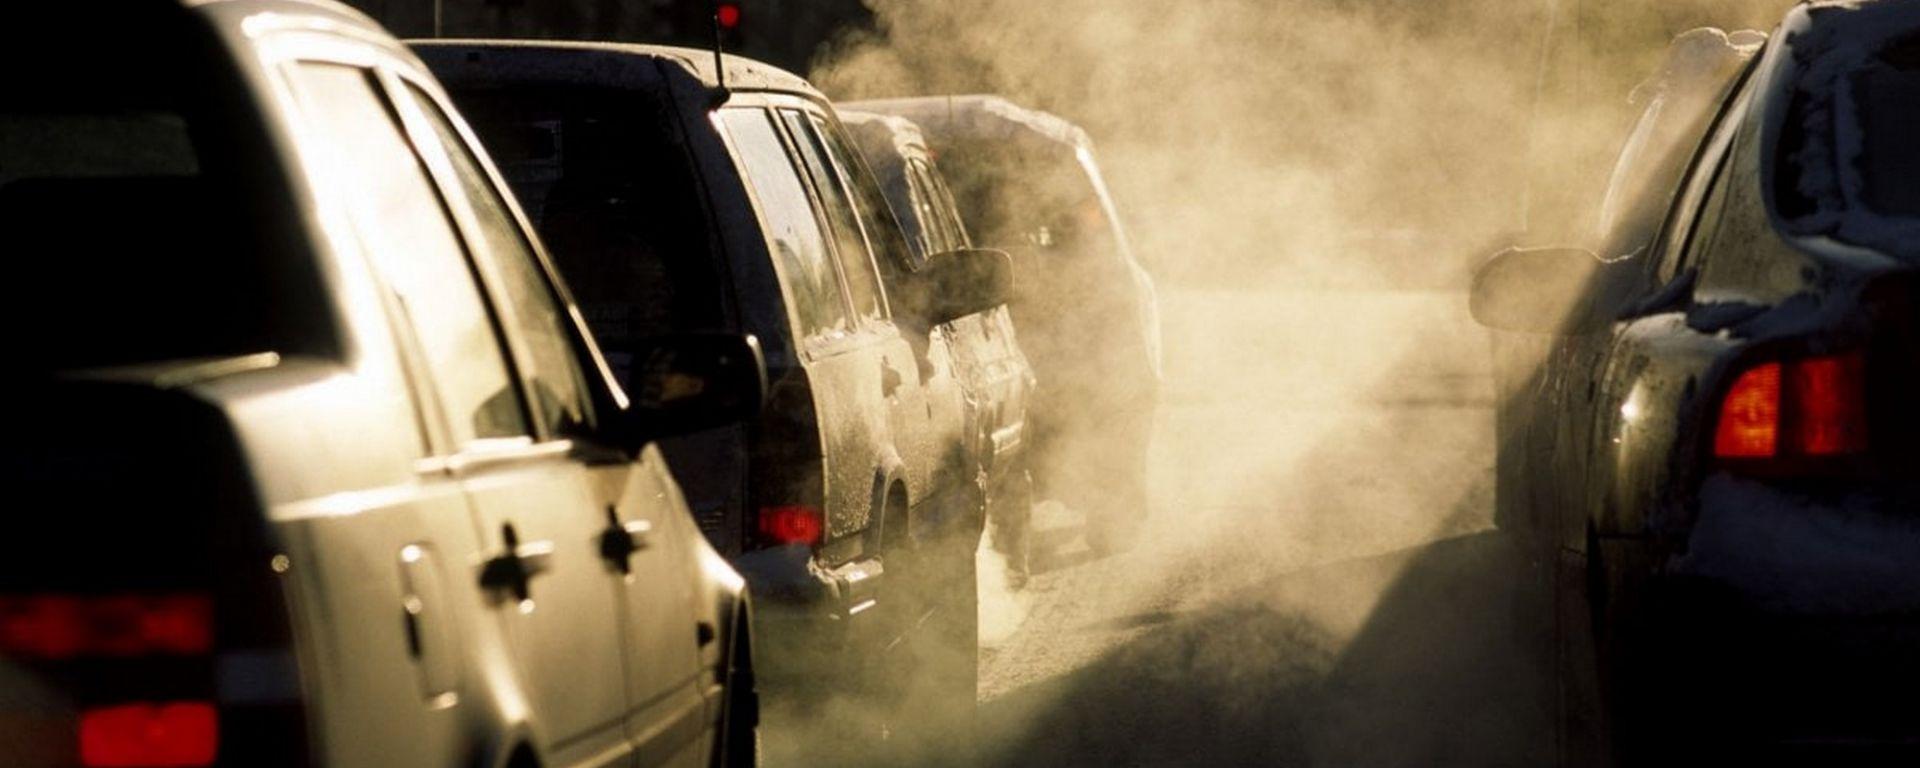 Emergenza smog, a Torino di nuovo fermi i diesel